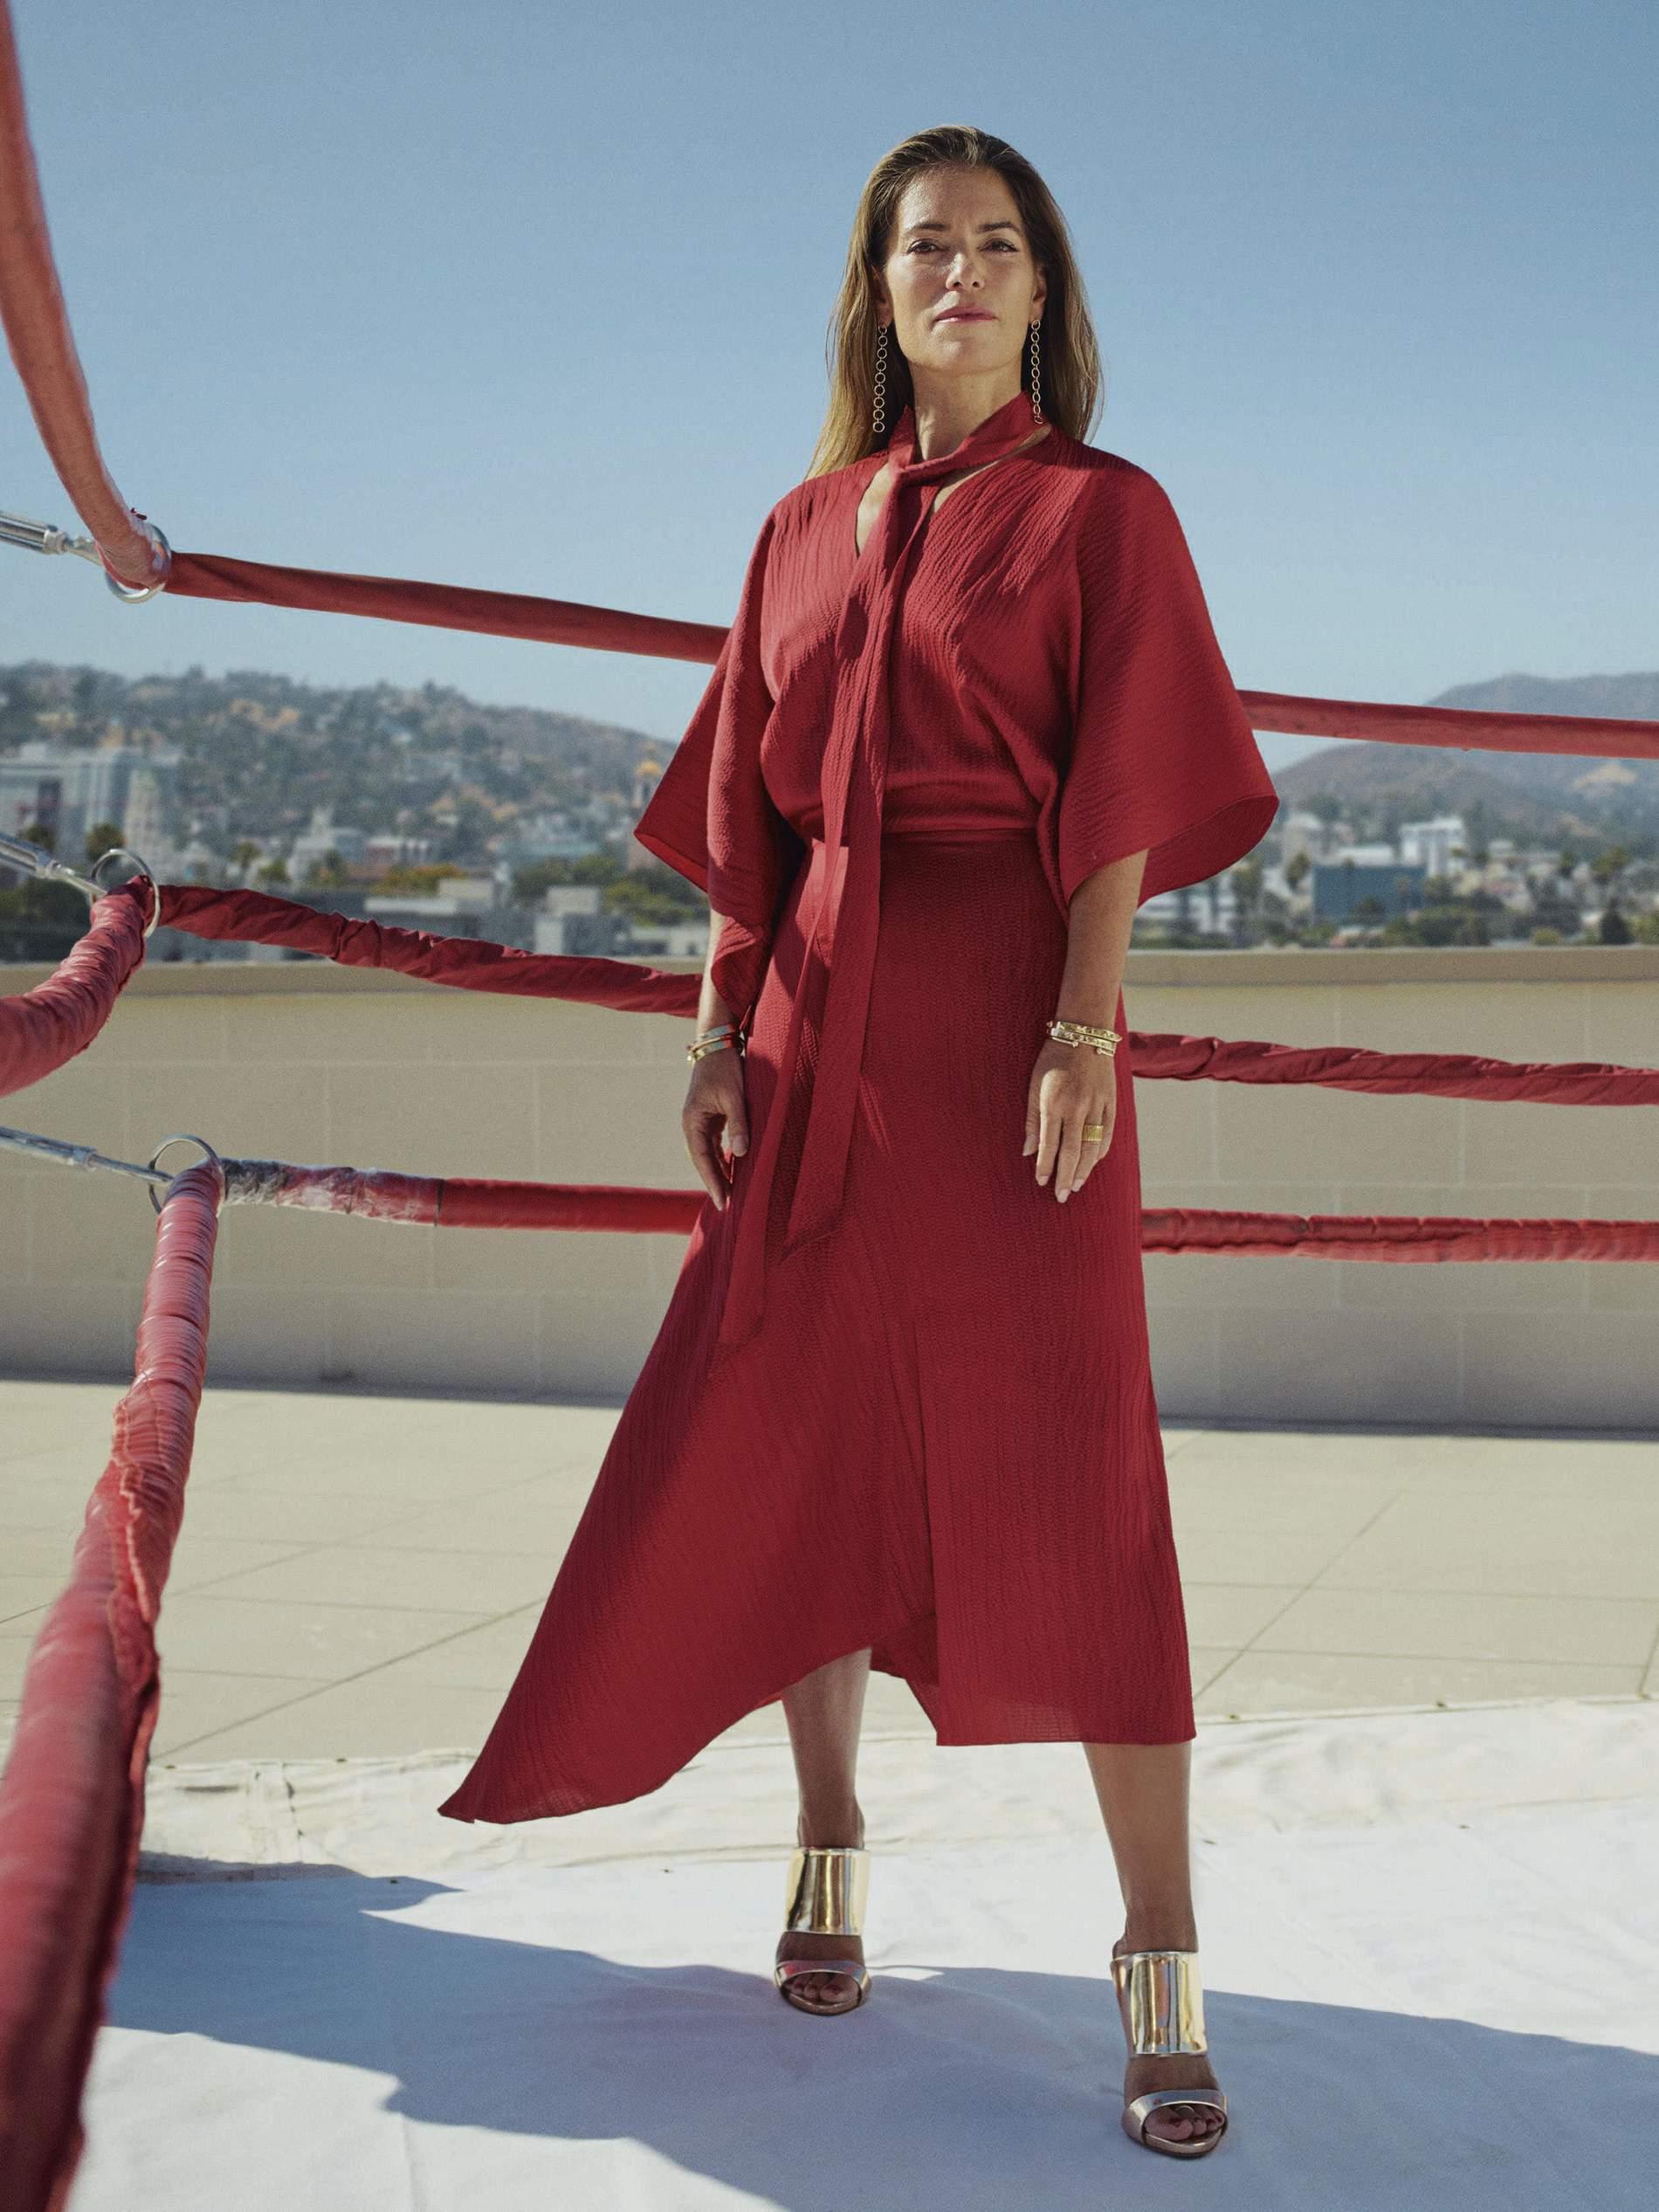 c31a7cd92de Laura Wasser  Meet Hollywood s Divorce Queen